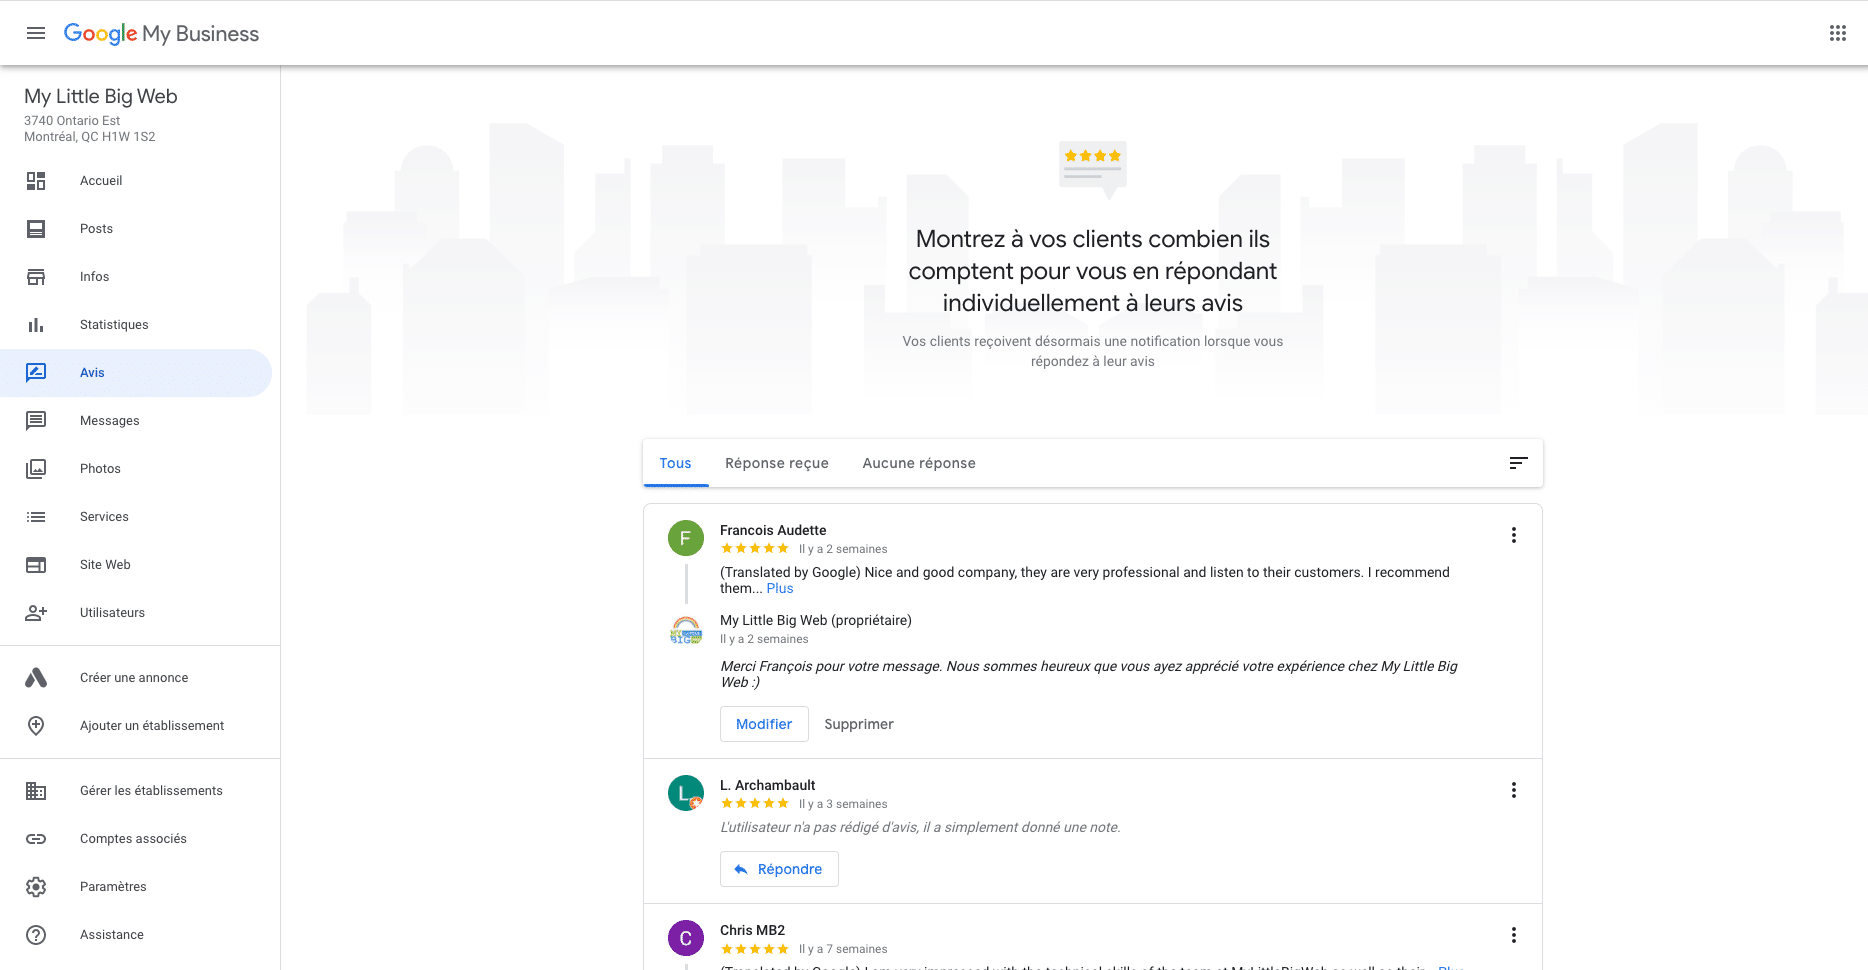 Avis positifs Google Mon Entreprise